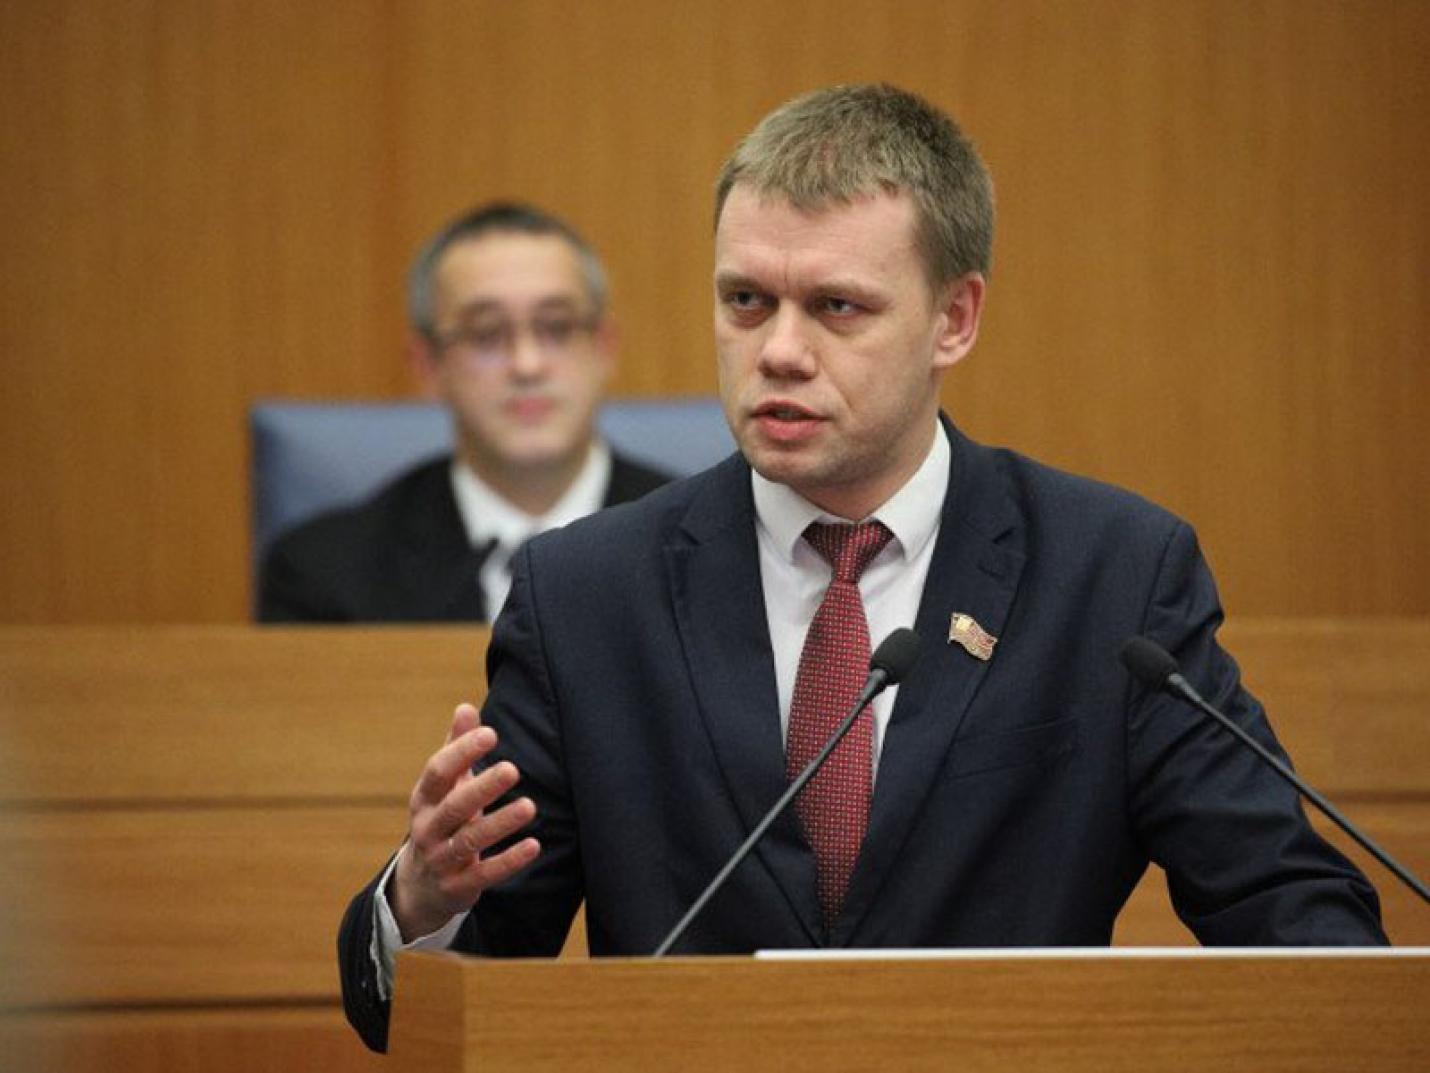 В Мосгордуме прошло голосование по отмене пенсионной реформы